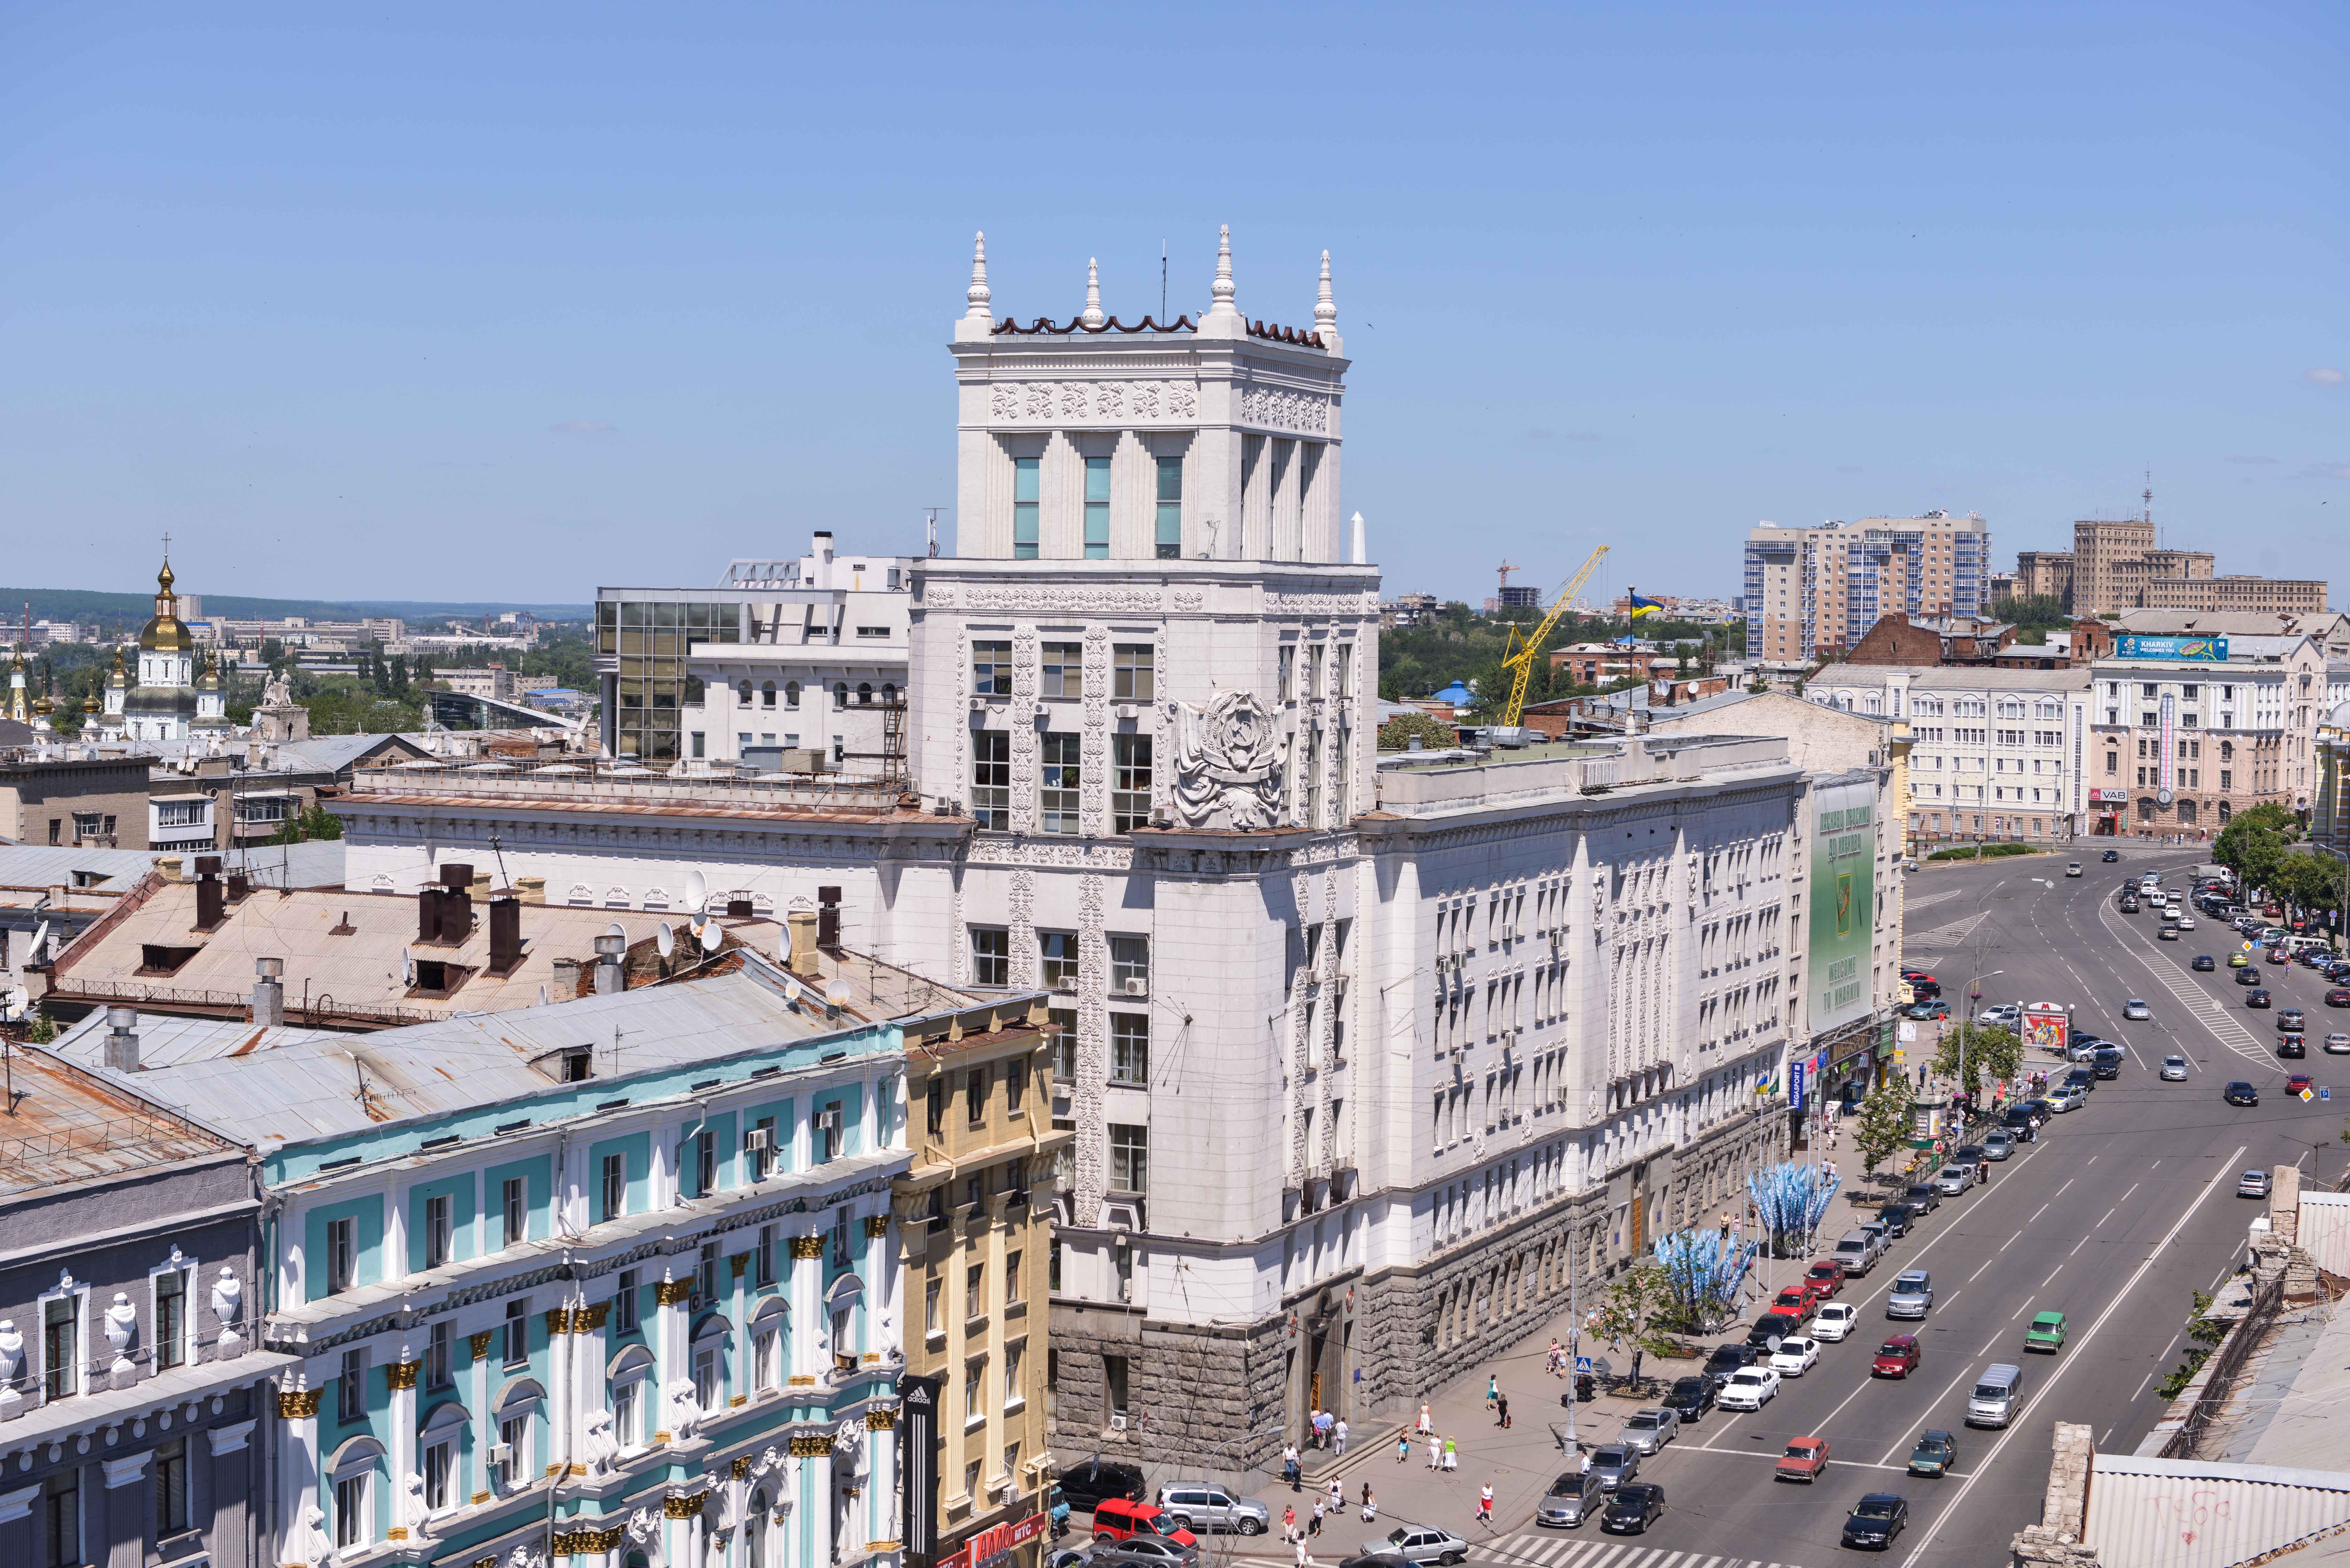 Горсовет обратится в прокуратуру по поводу препятствования работе коммунальщиков возле самостроя на улице Серповой